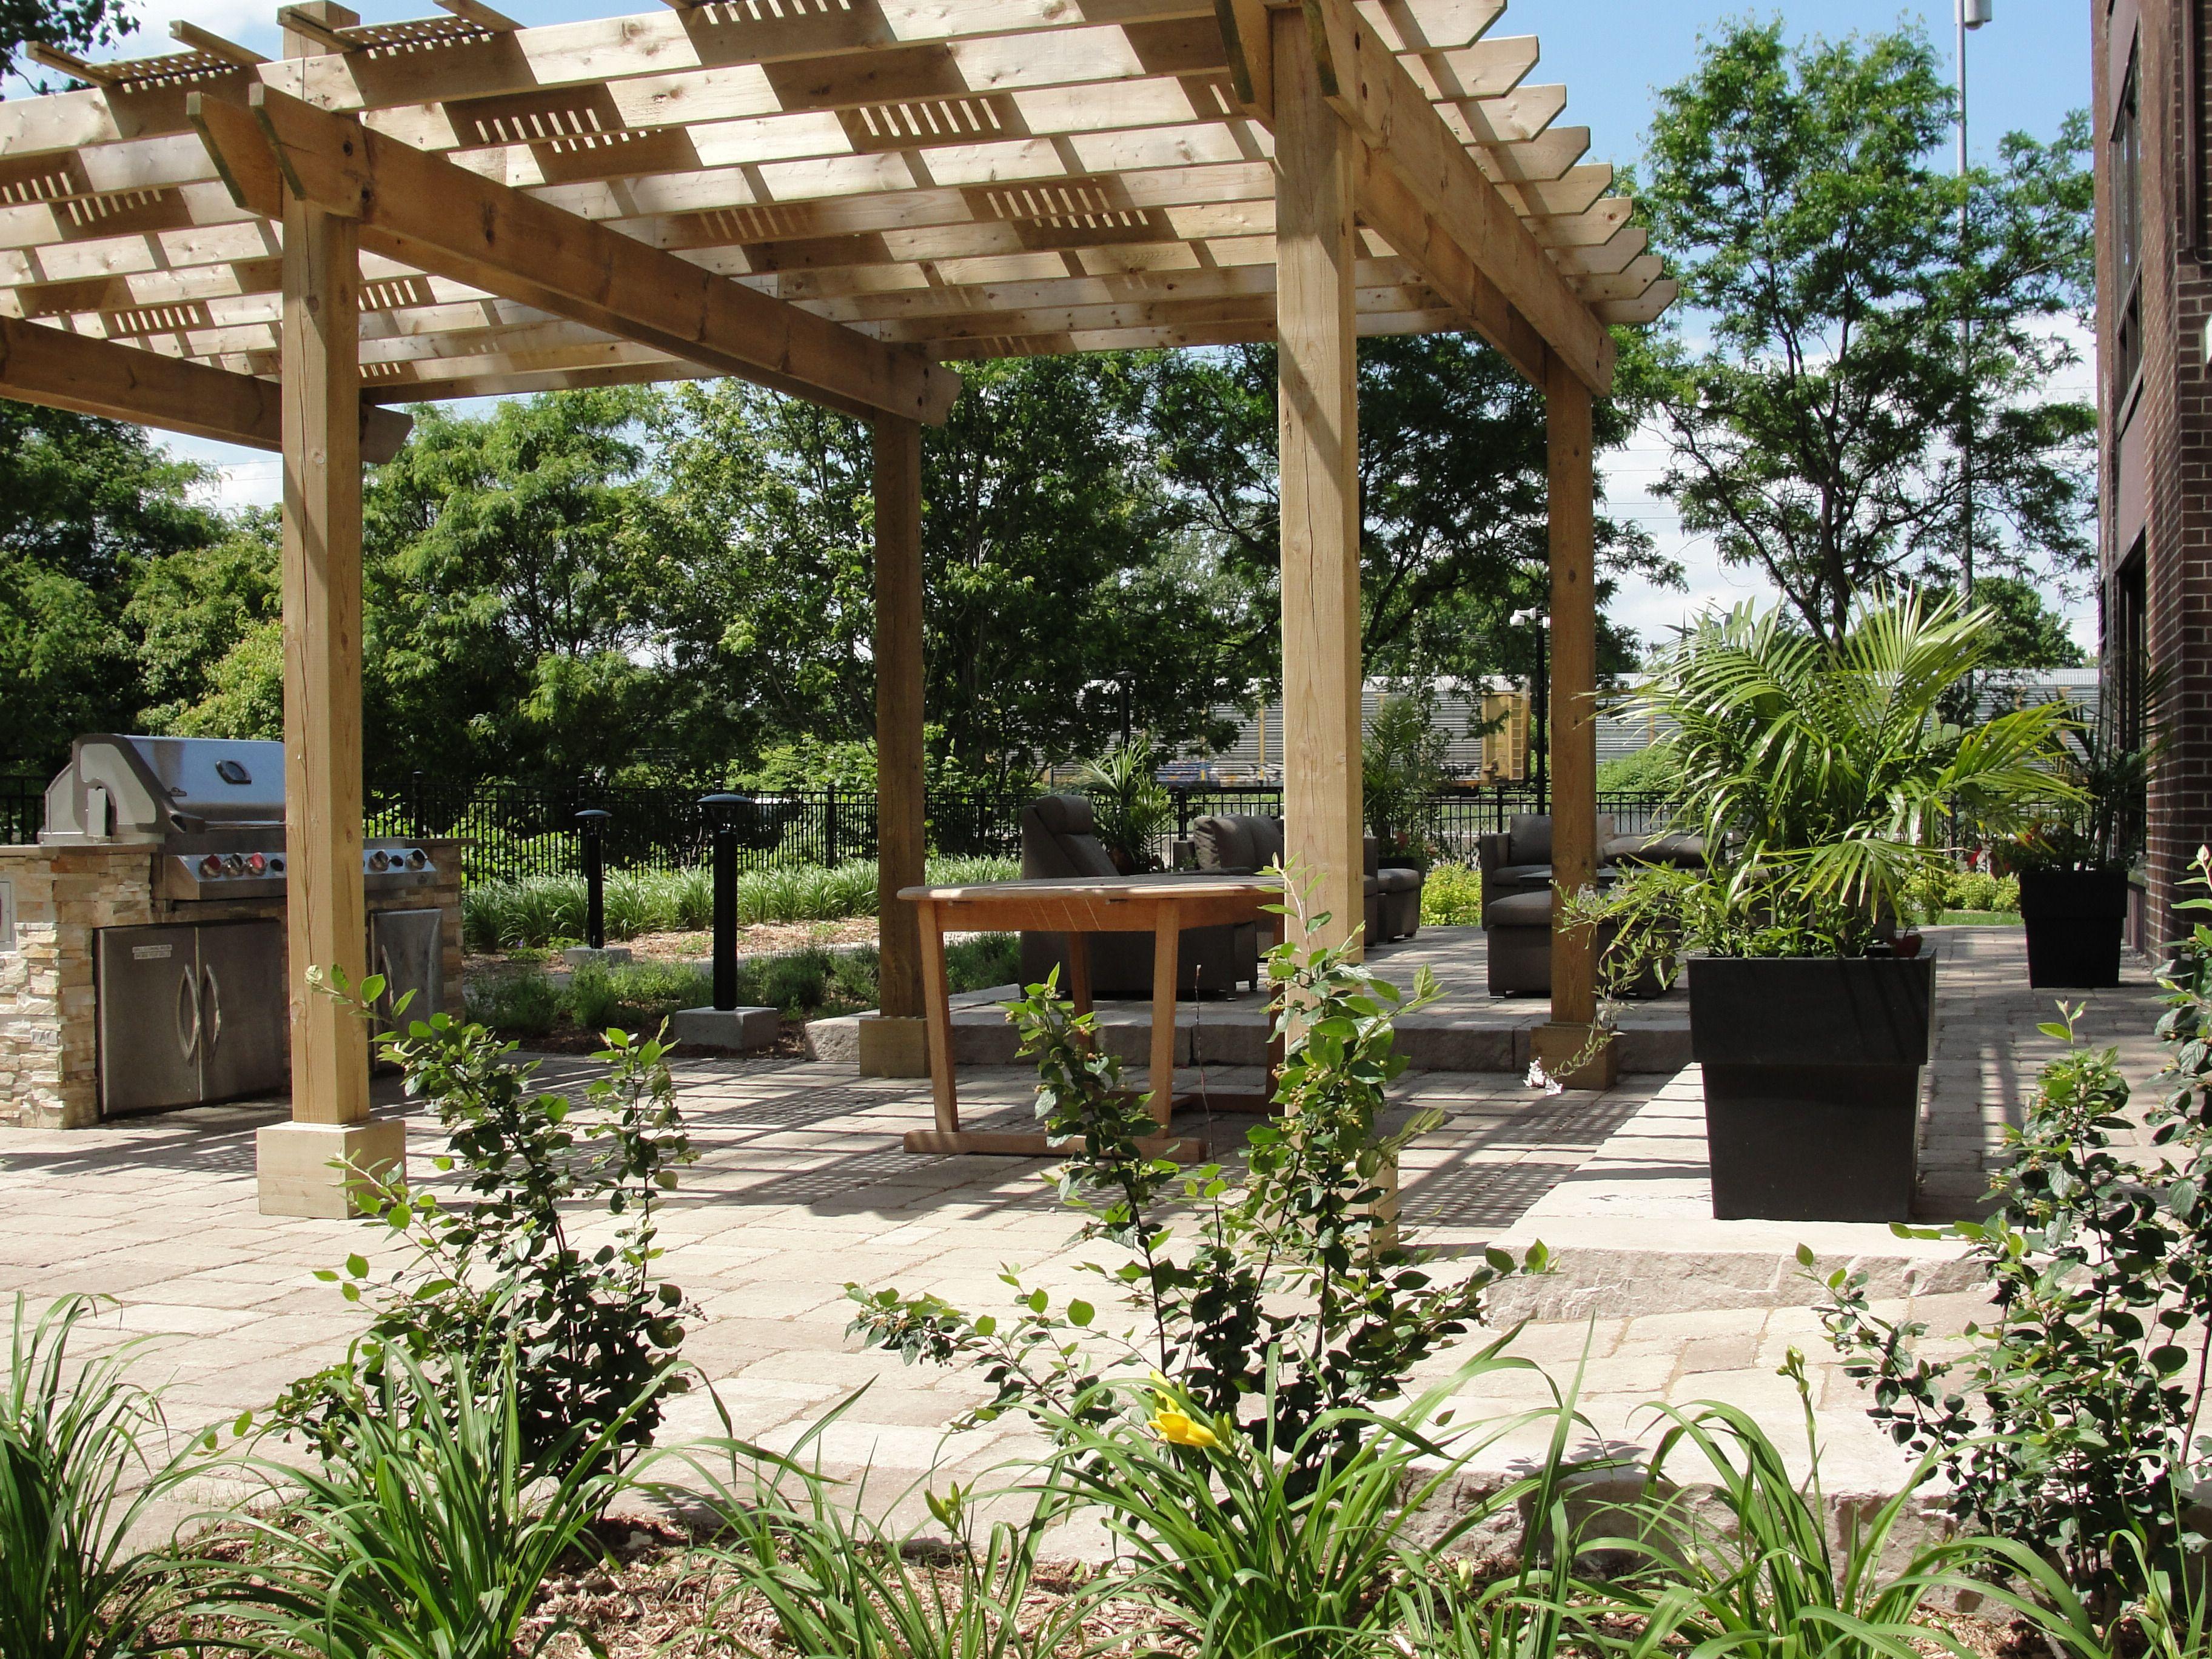 Am nagement d 39 une terrasse publique pergola en bois de c dre mobilier urbain d 39 ext rieur - Amenagement pergola exterieur ...